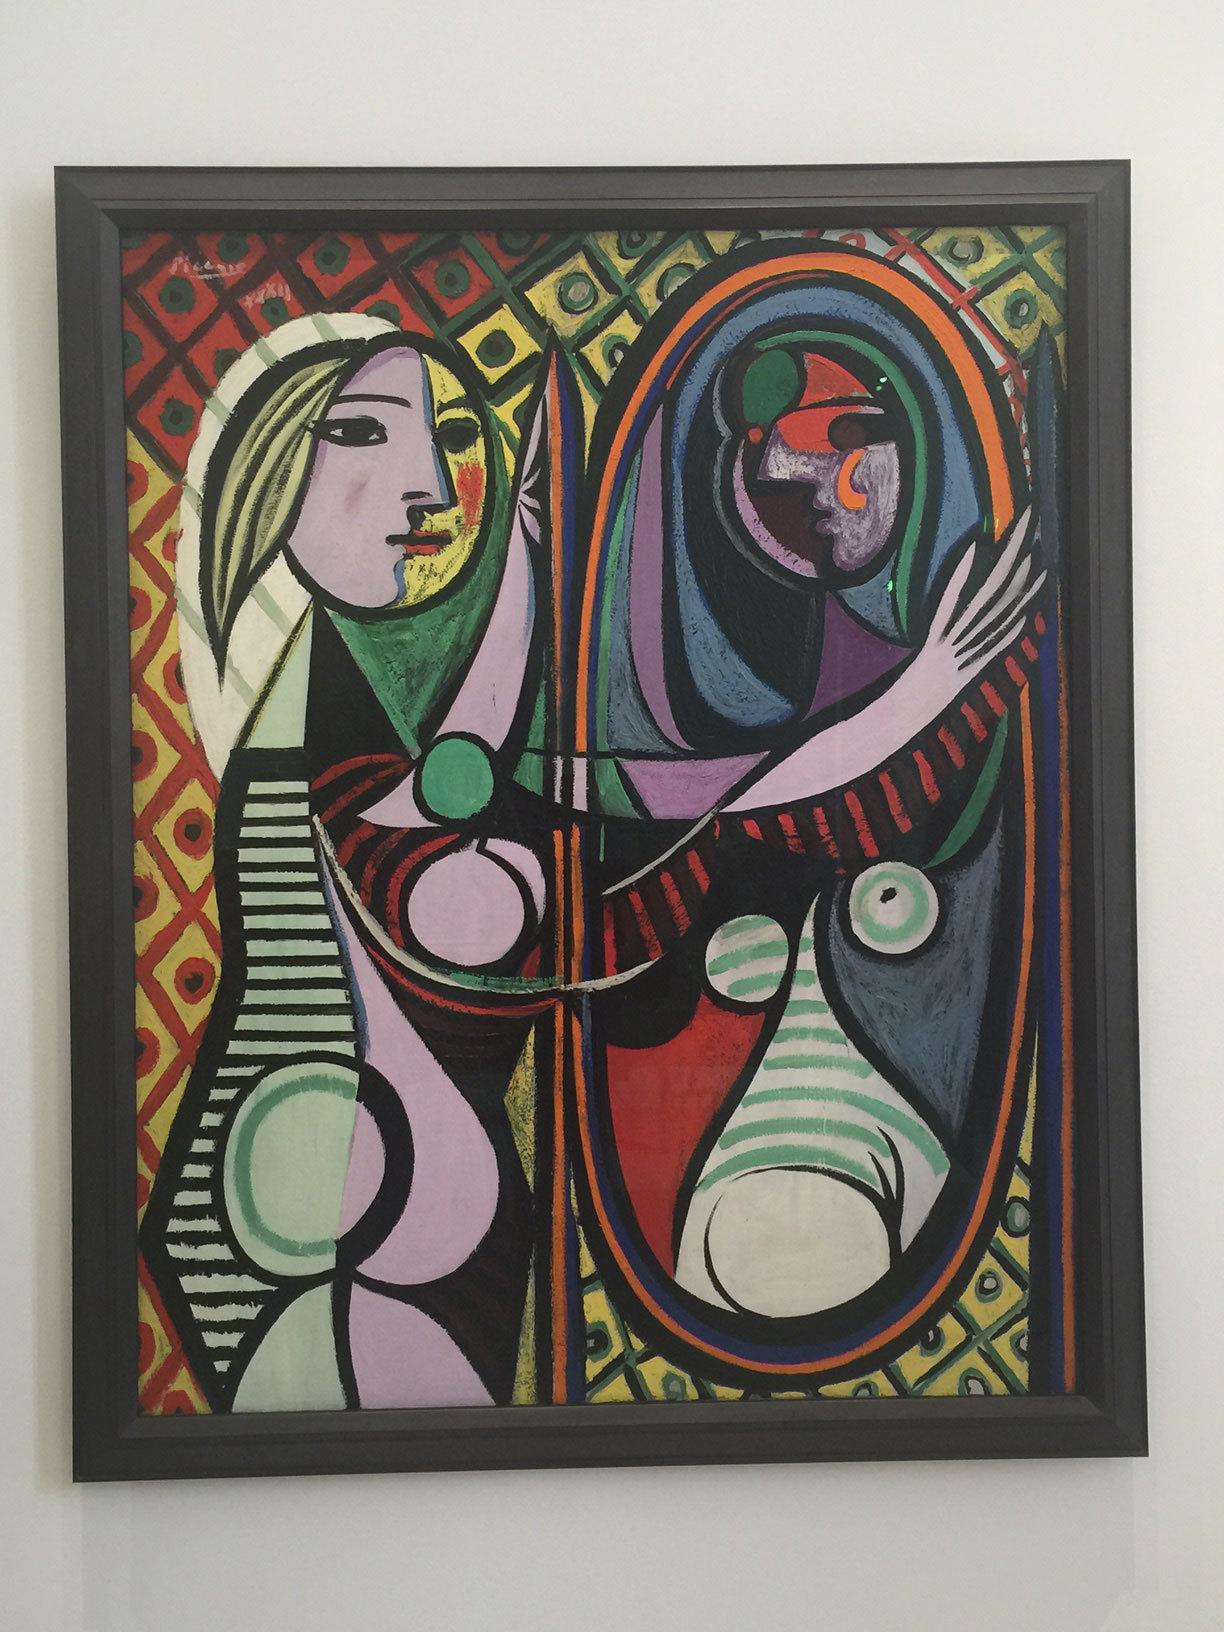 Exposición sobre Picasso, en el Musée Picasso.